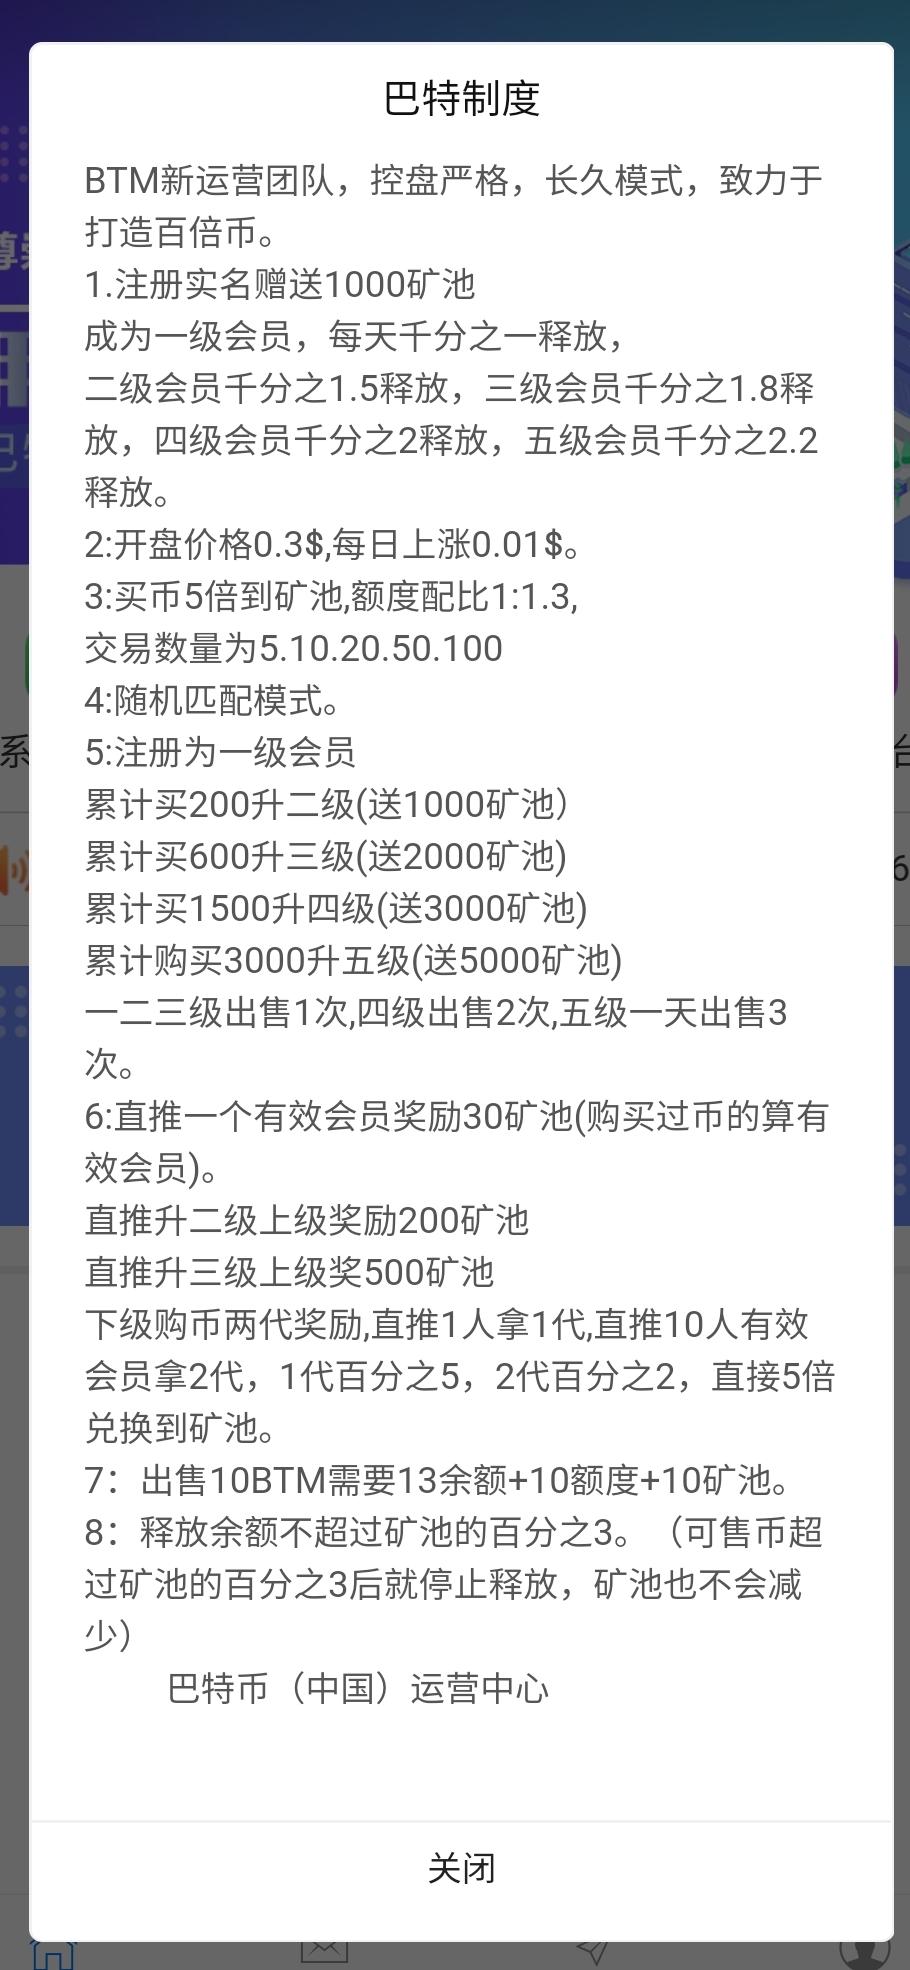 巴特币_矿池挖矿模式,注册并认证,送矿池1000,每日签到释放,邀请收益